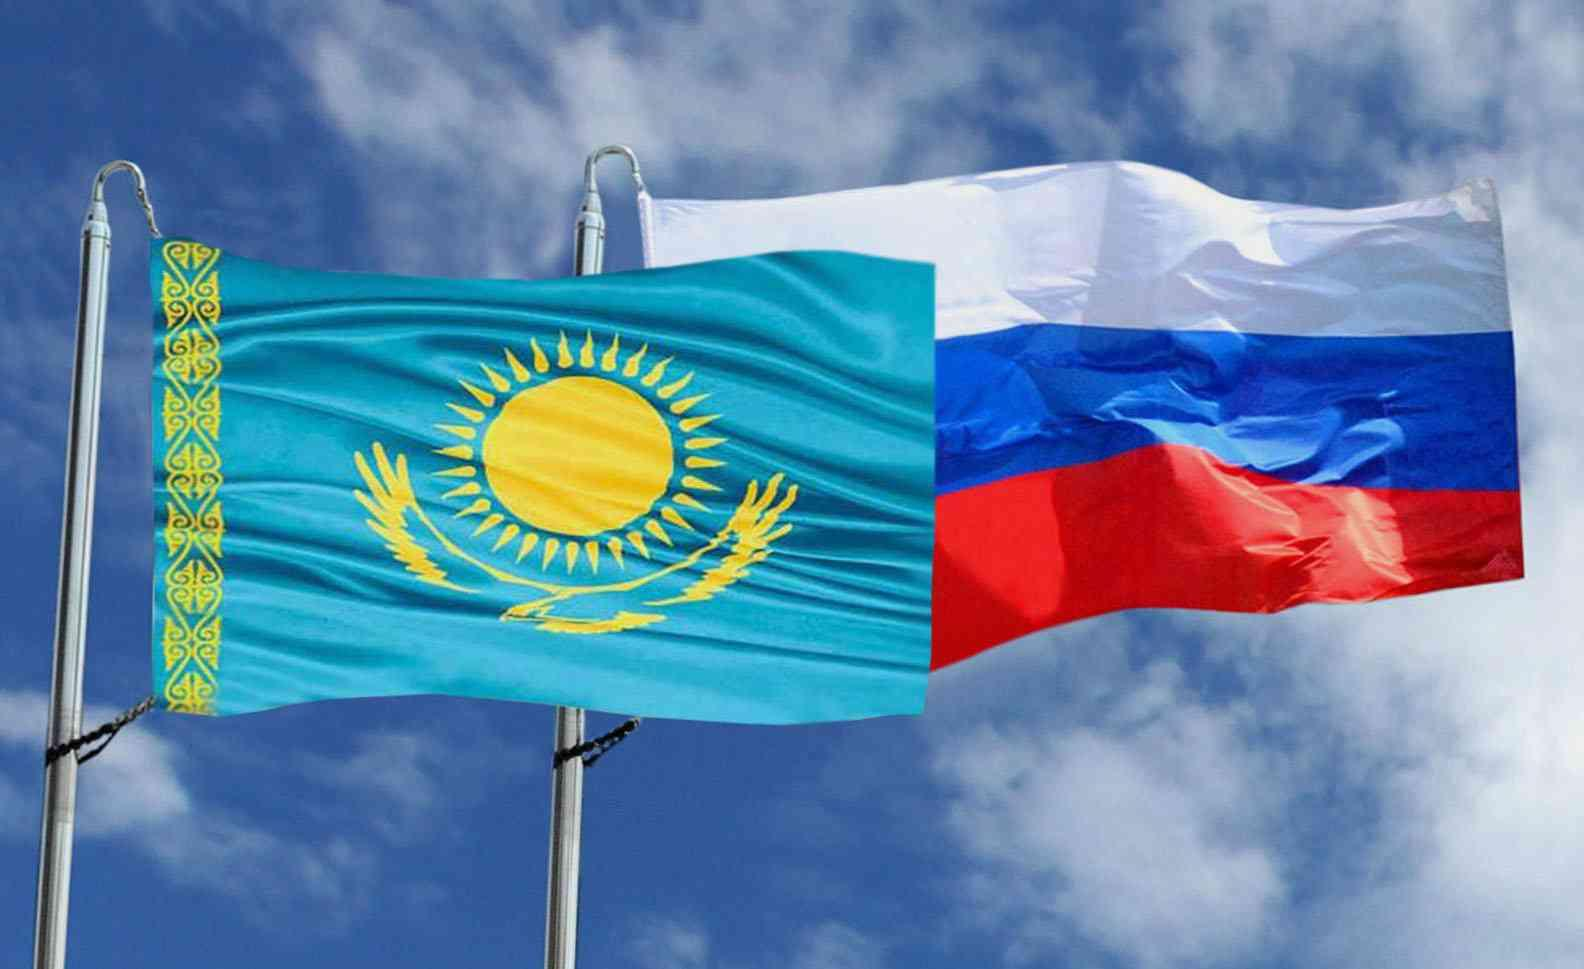 Форум межрегионального сотрудничества РФ и Казахстана пройдет в Омске 6-7 ноября